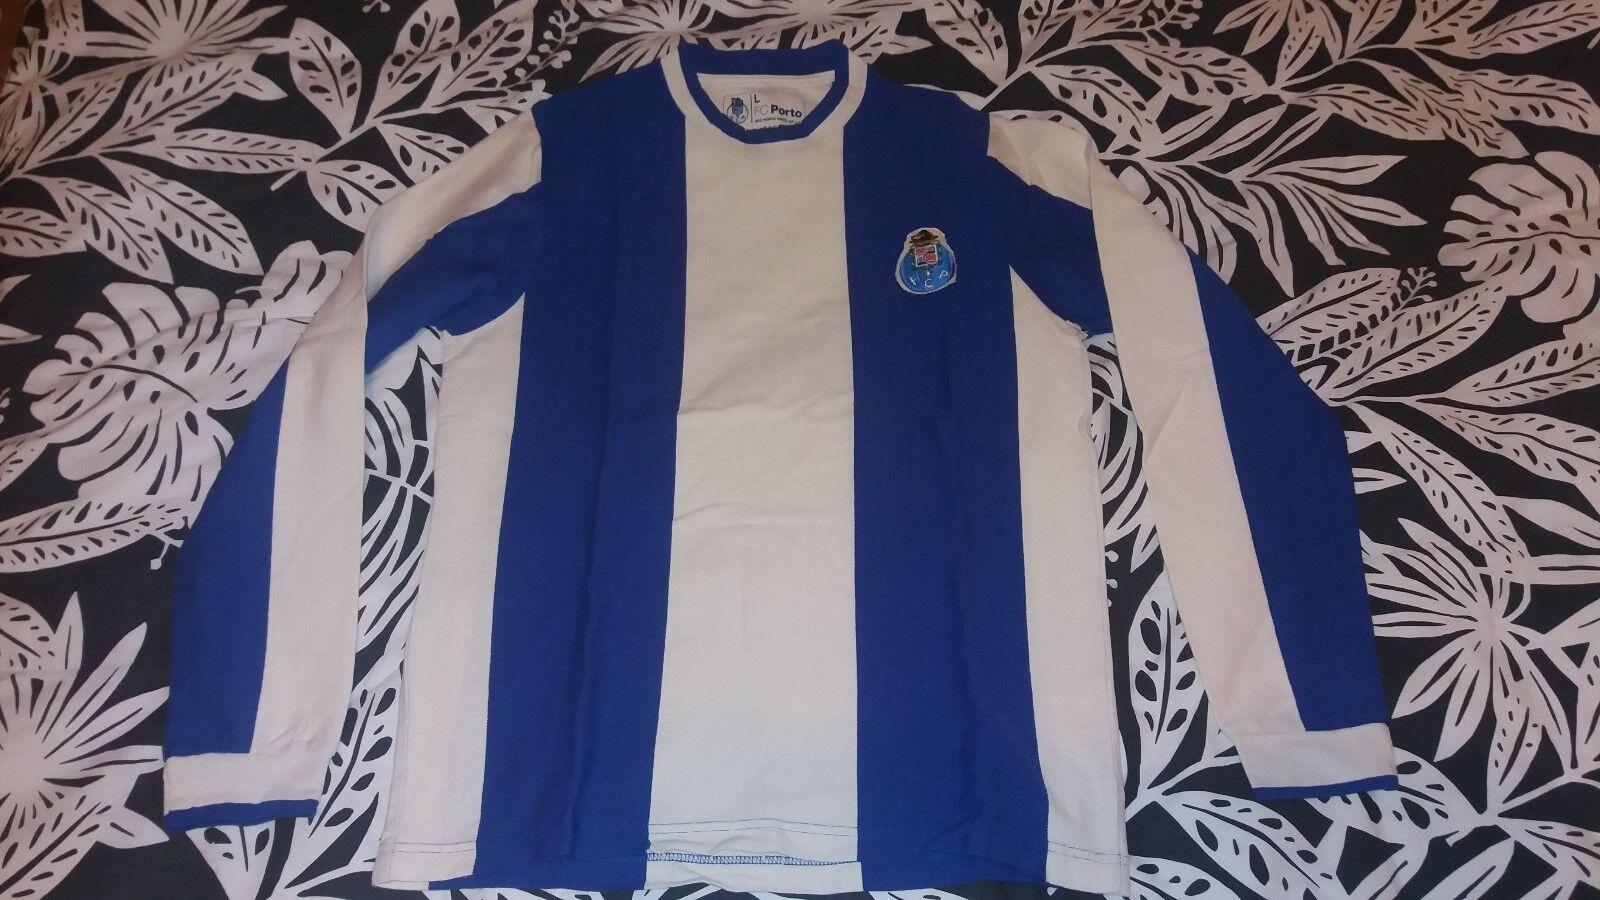 Maillot FC Porto 19691977 Réplique officiel Camisola